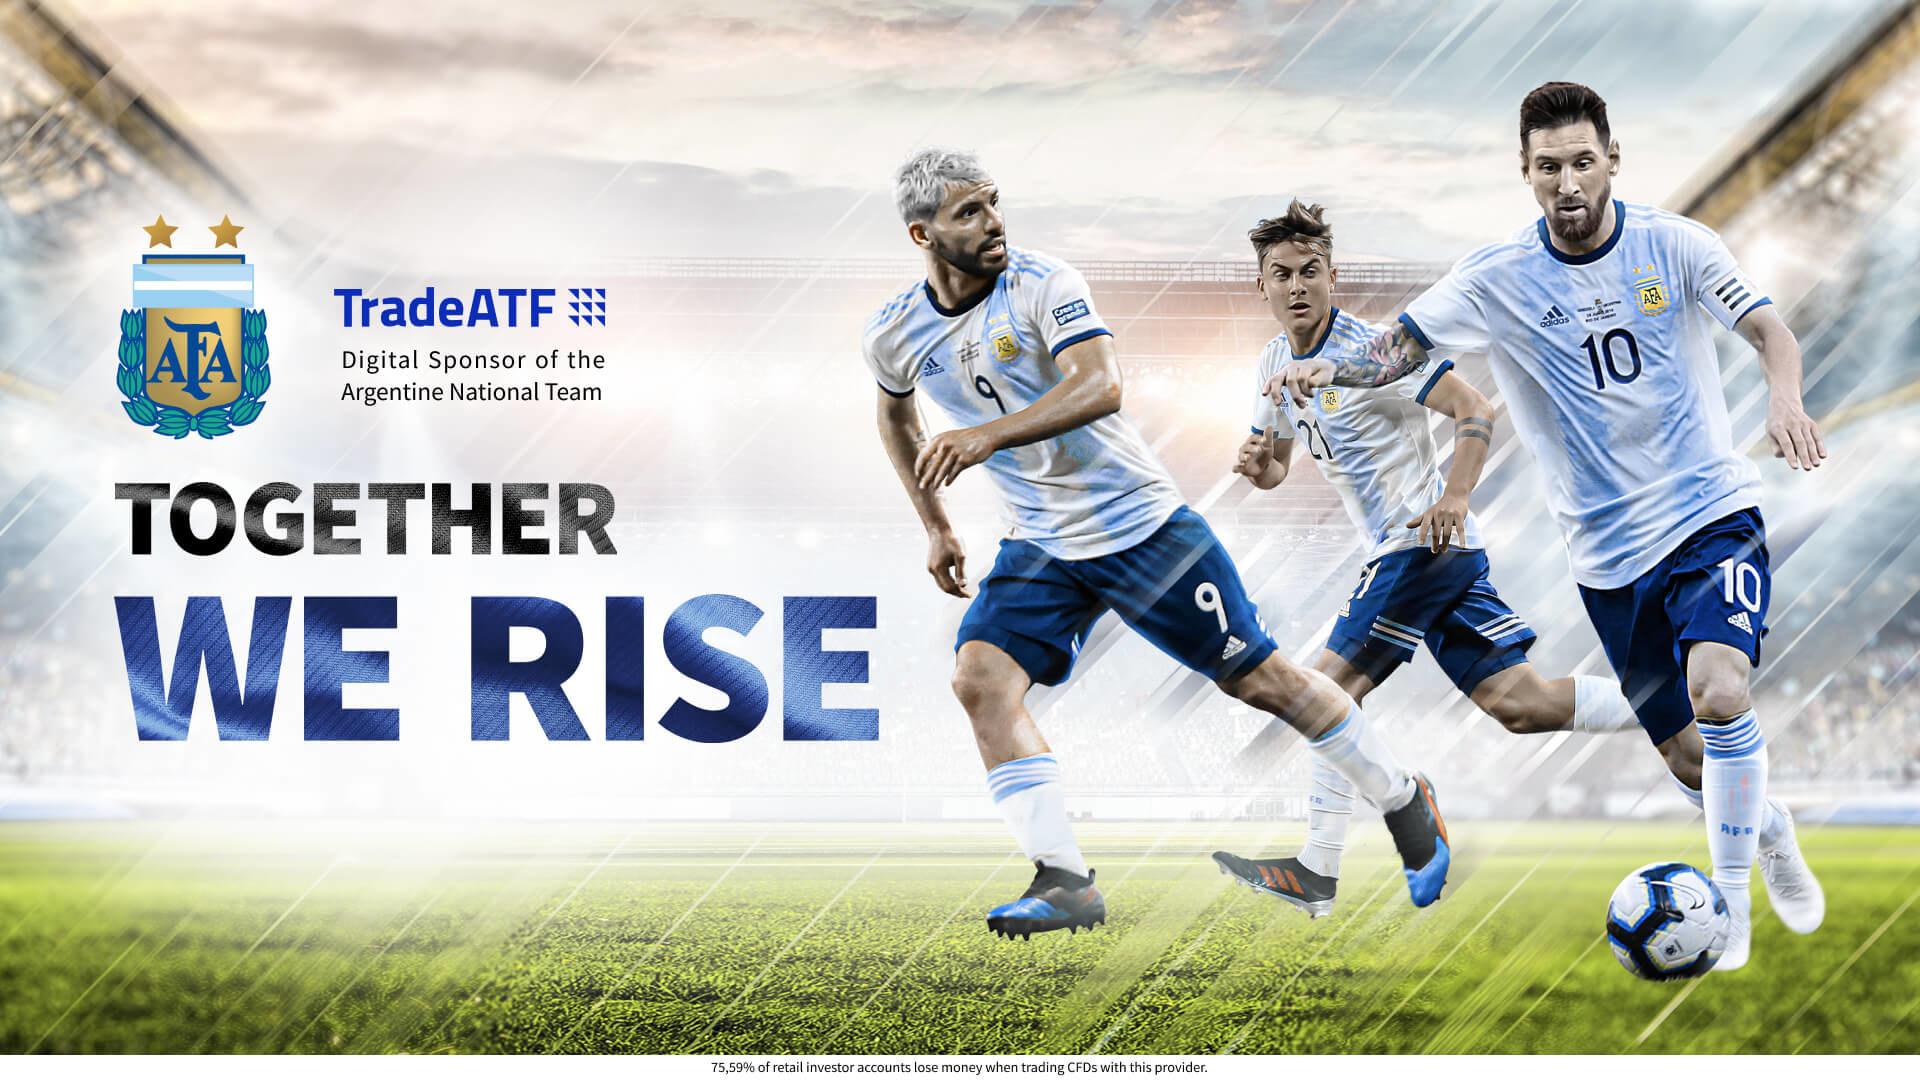 La selección Argentina se une a TradeATF para un patrocinio digital